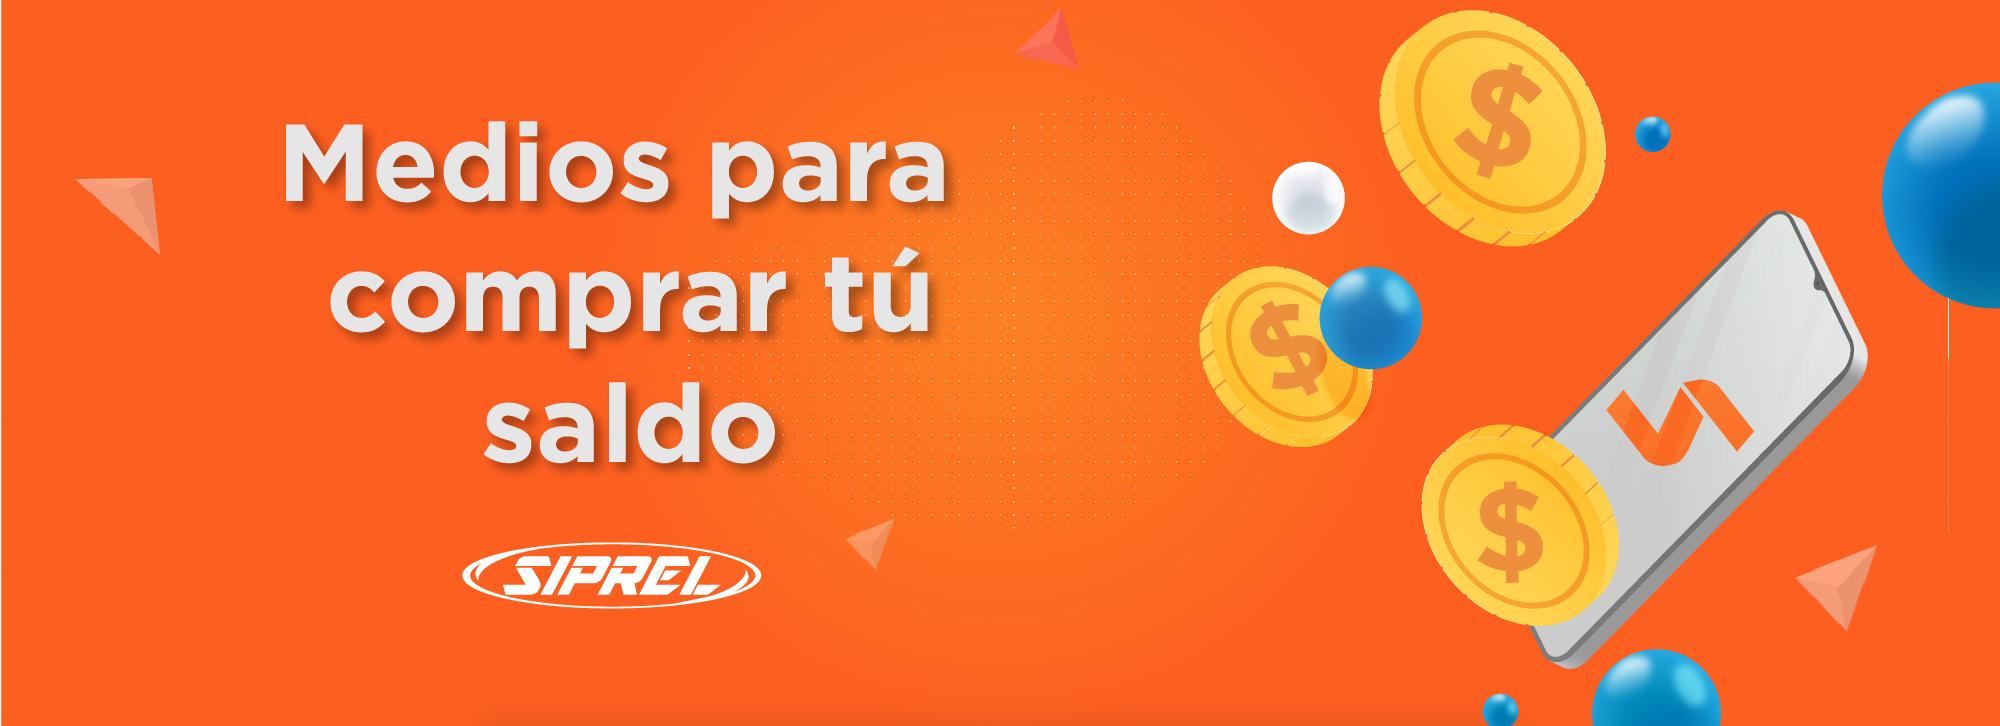 Siprel.mx te ofrece diversos medios para que compres tu saldo para vender recargas electronicas pago de servicios giftcards aumentando tus ganancias